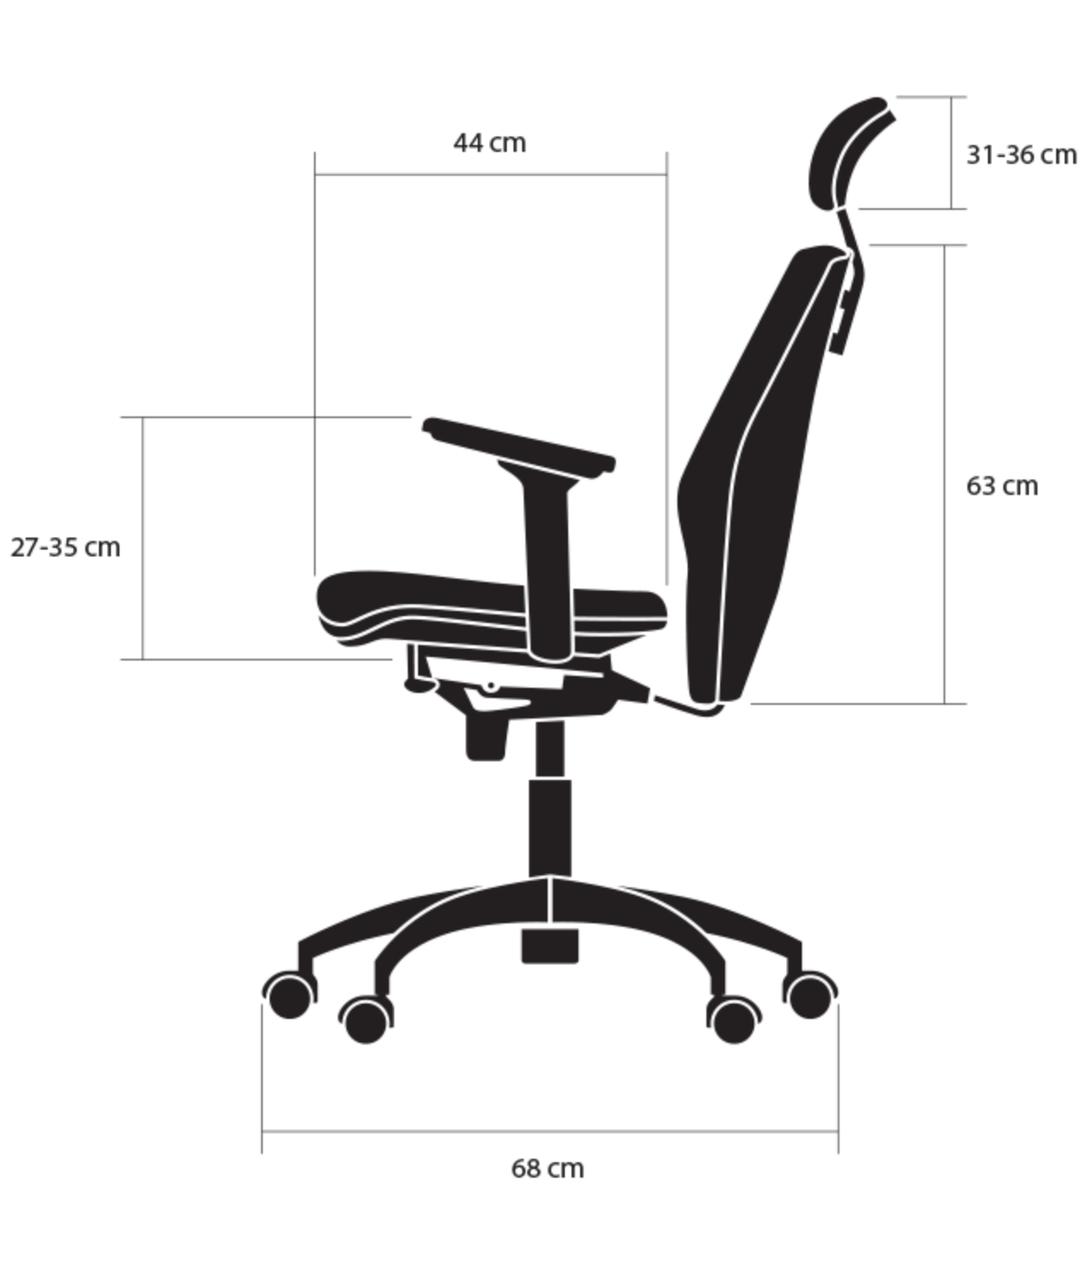 wymiary bok fotela ergonomicznego Elegance kulik system